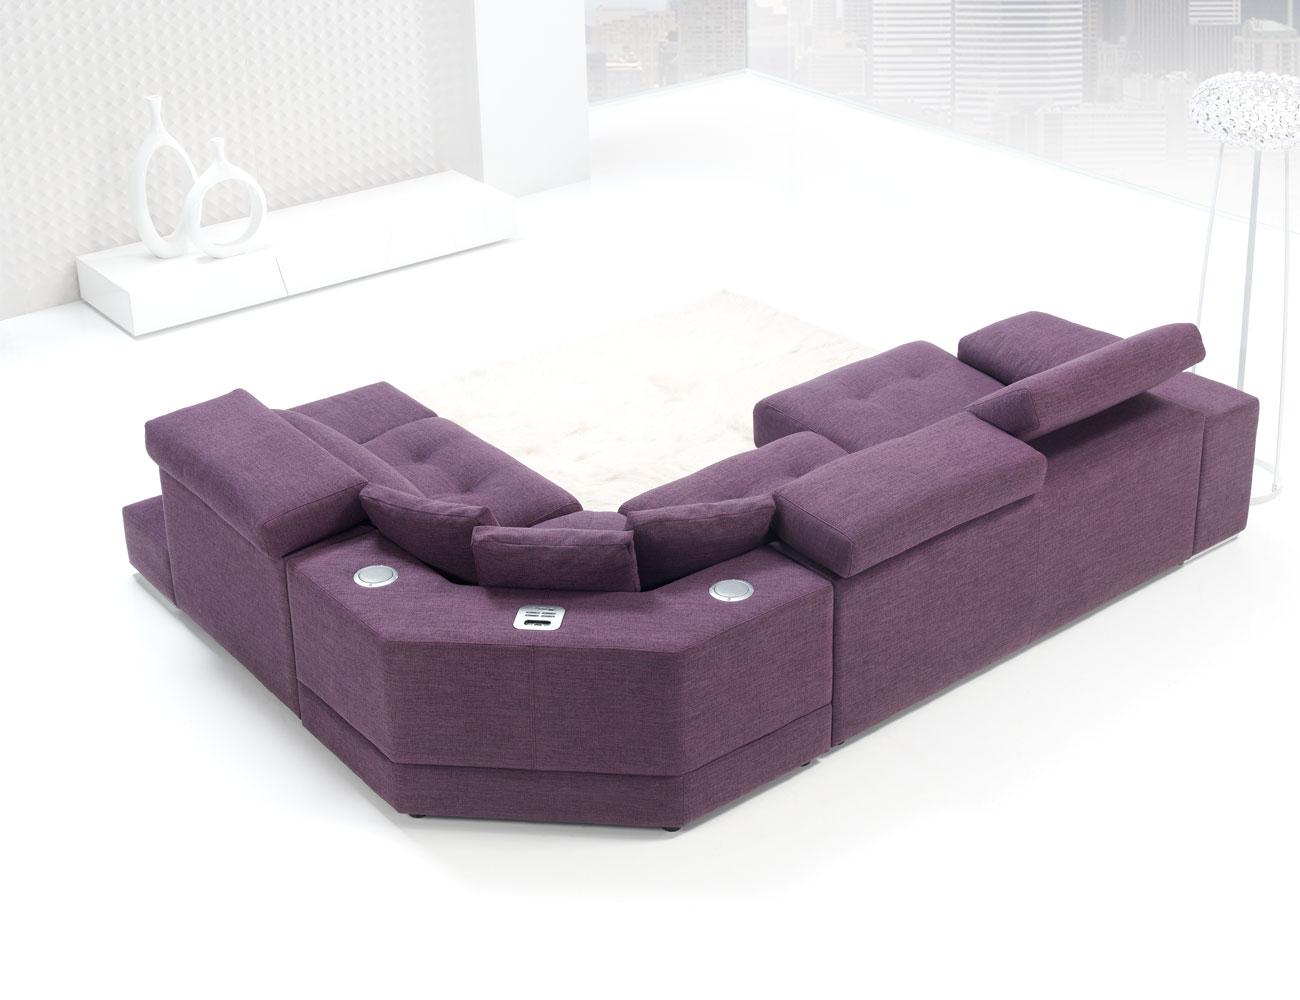 Sofa chaiselongue rincon con brazo mecanico tejido anti manchas 312